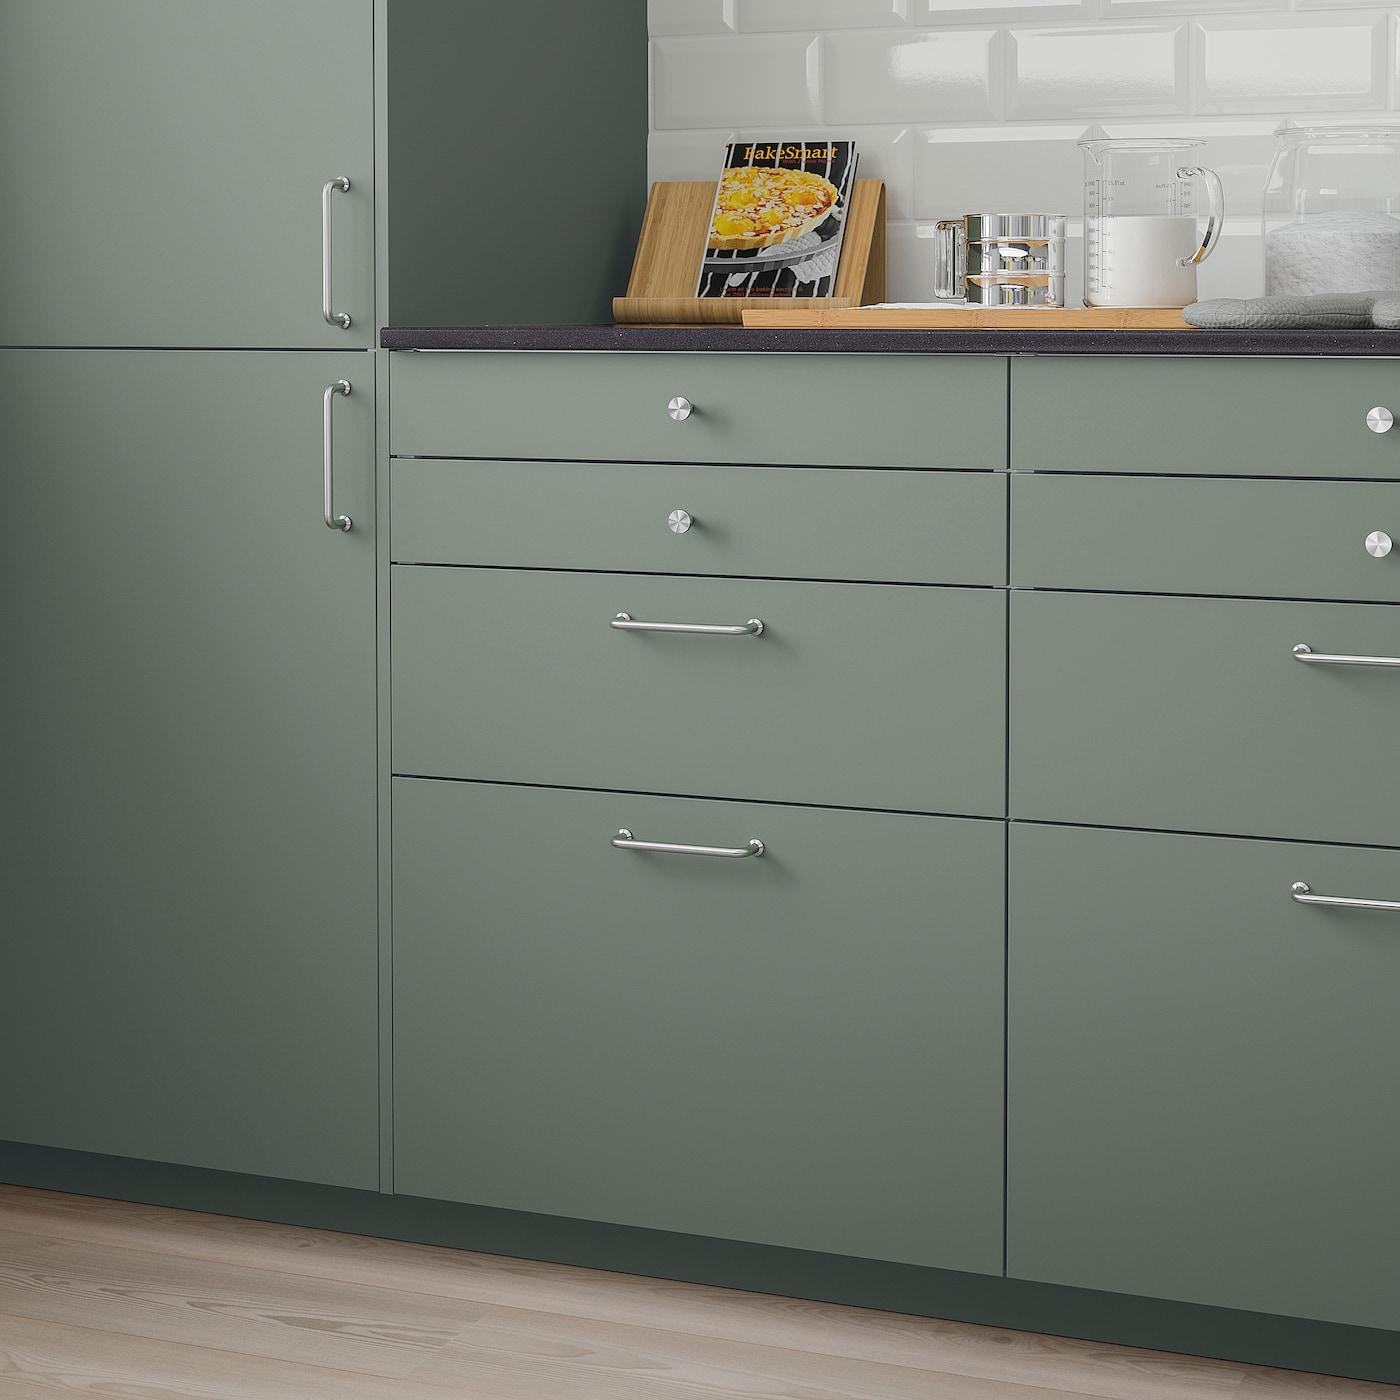 BODARP Fronta ladice, sivo-zelena, 60x40 cm